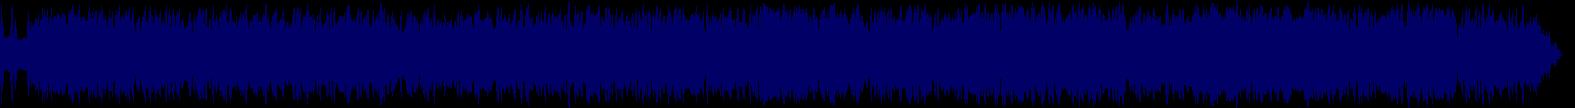 waveform of track #85884